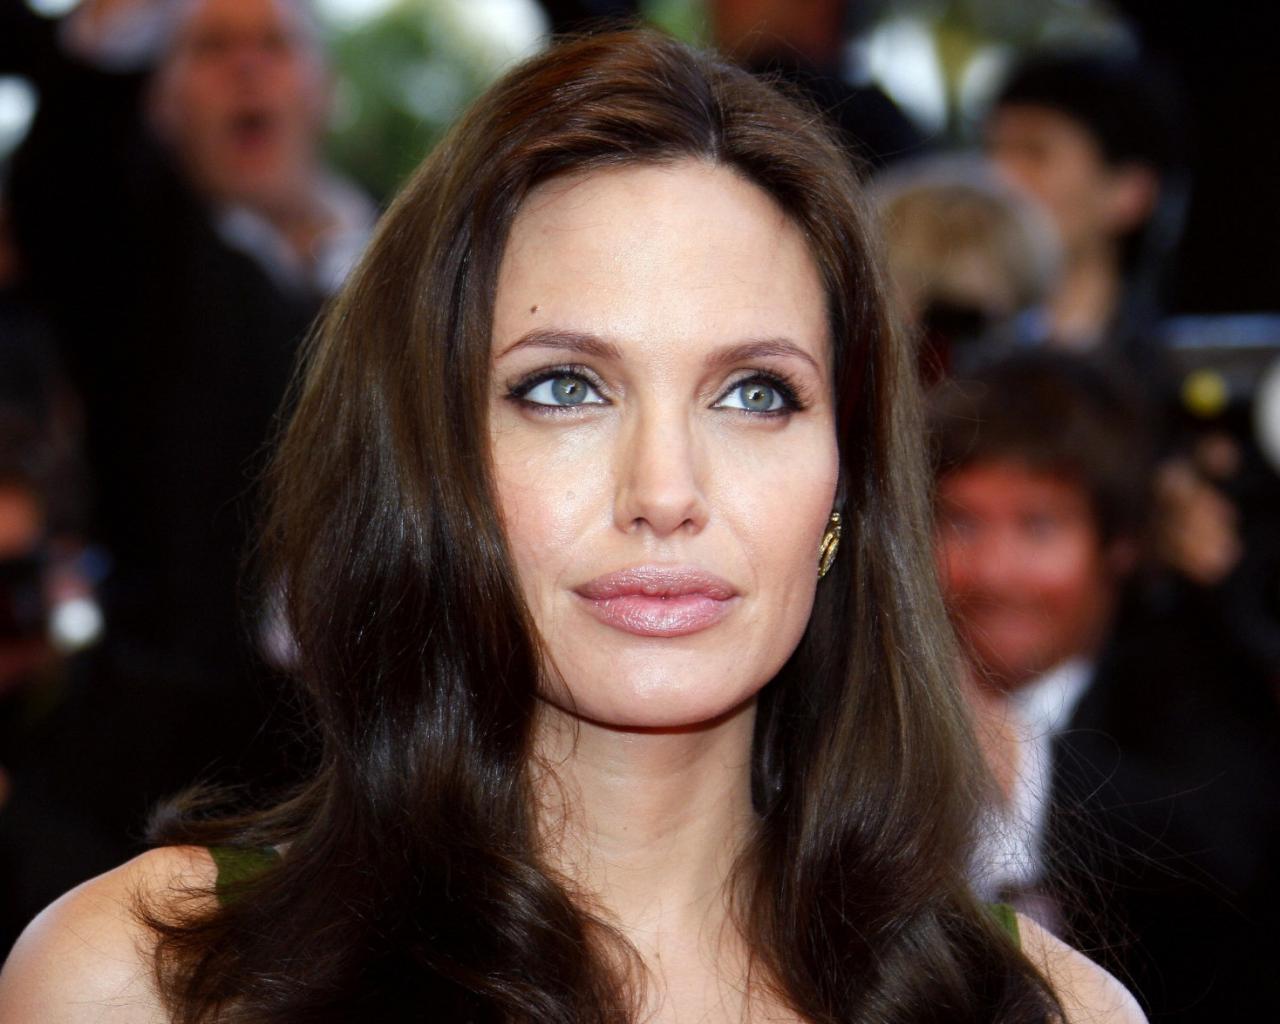 Американская актриса Анджелина Джоли обои для рабочего ... анджелина джоли возраст